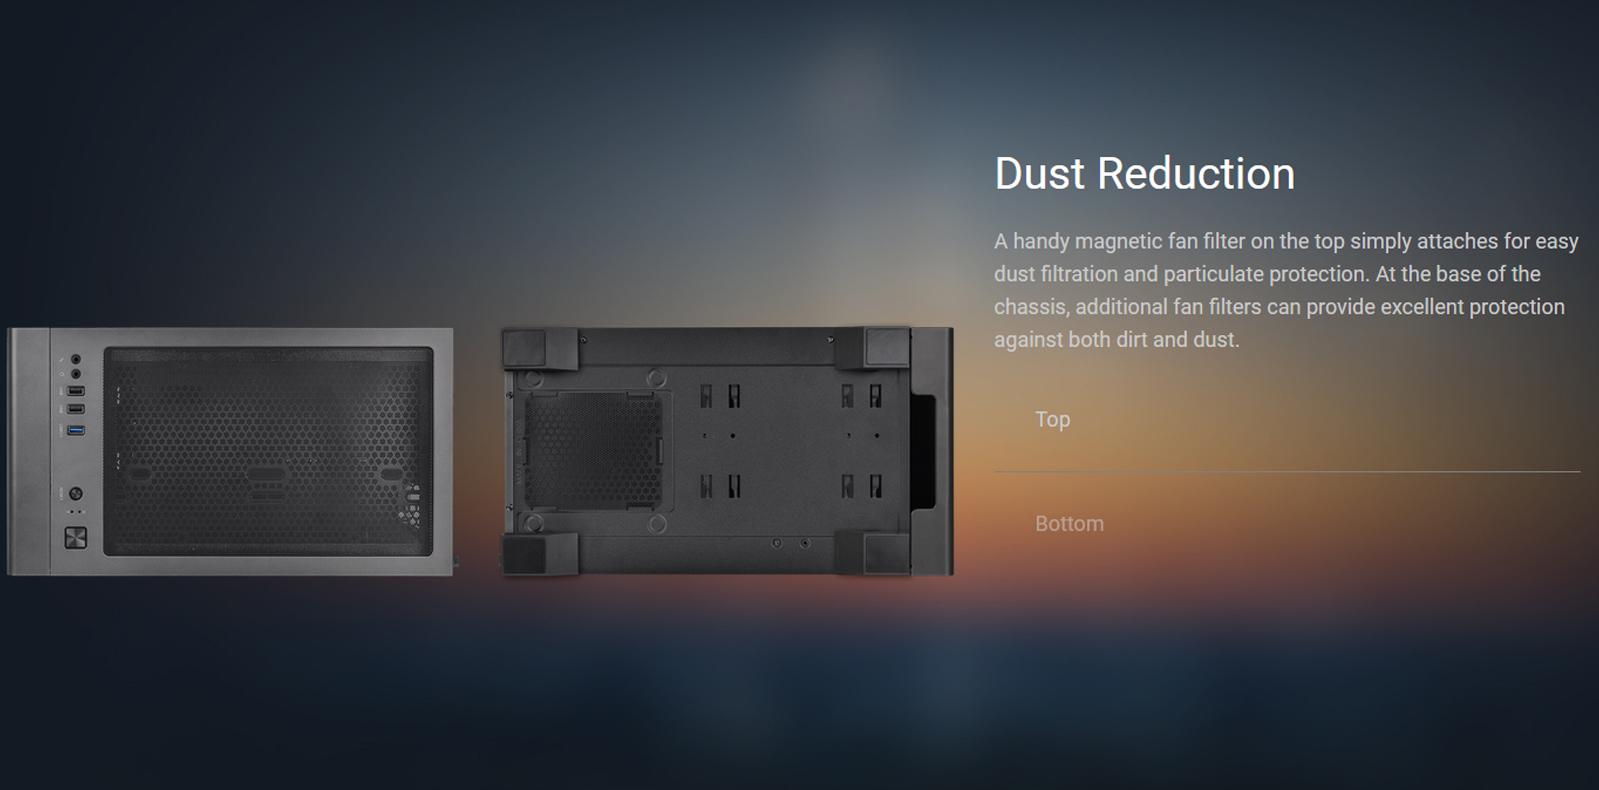 Vỏ Case Thermaltake S100 Tempered Glass Snow Edition (Mid Tower / Màu Trắng) trang bị các tấm lọc bị đi kèm giúp ngăn cản bụi xâm nhập vào bên trong